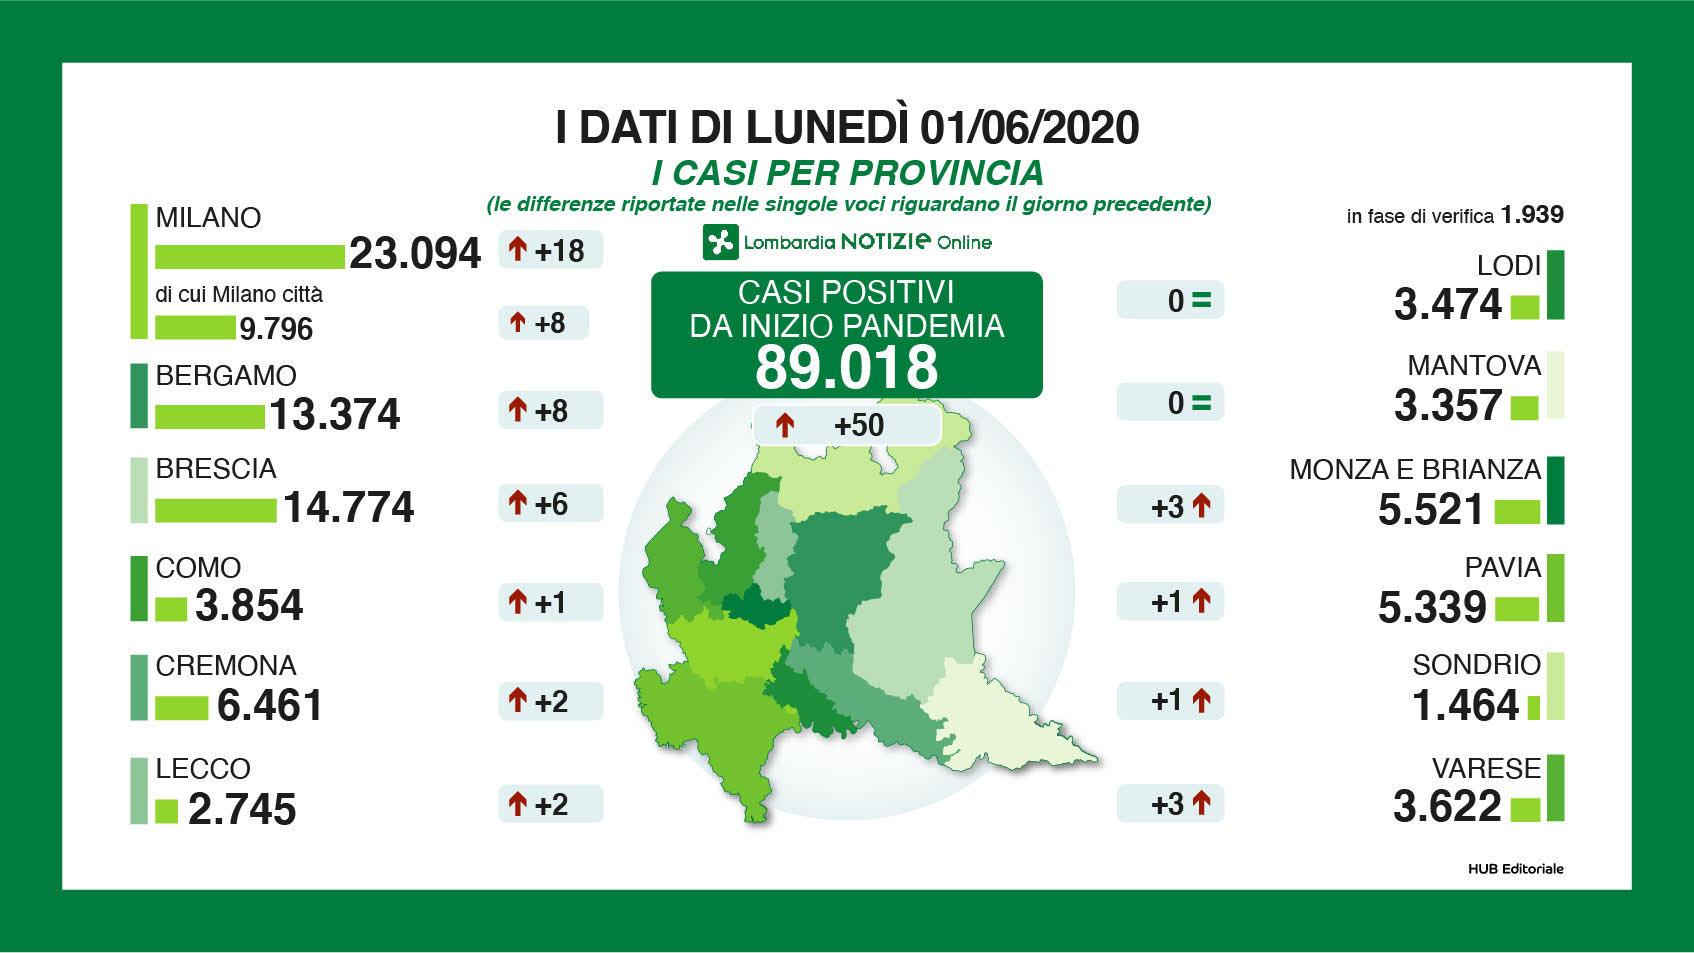 dati per provincia 1 giugno